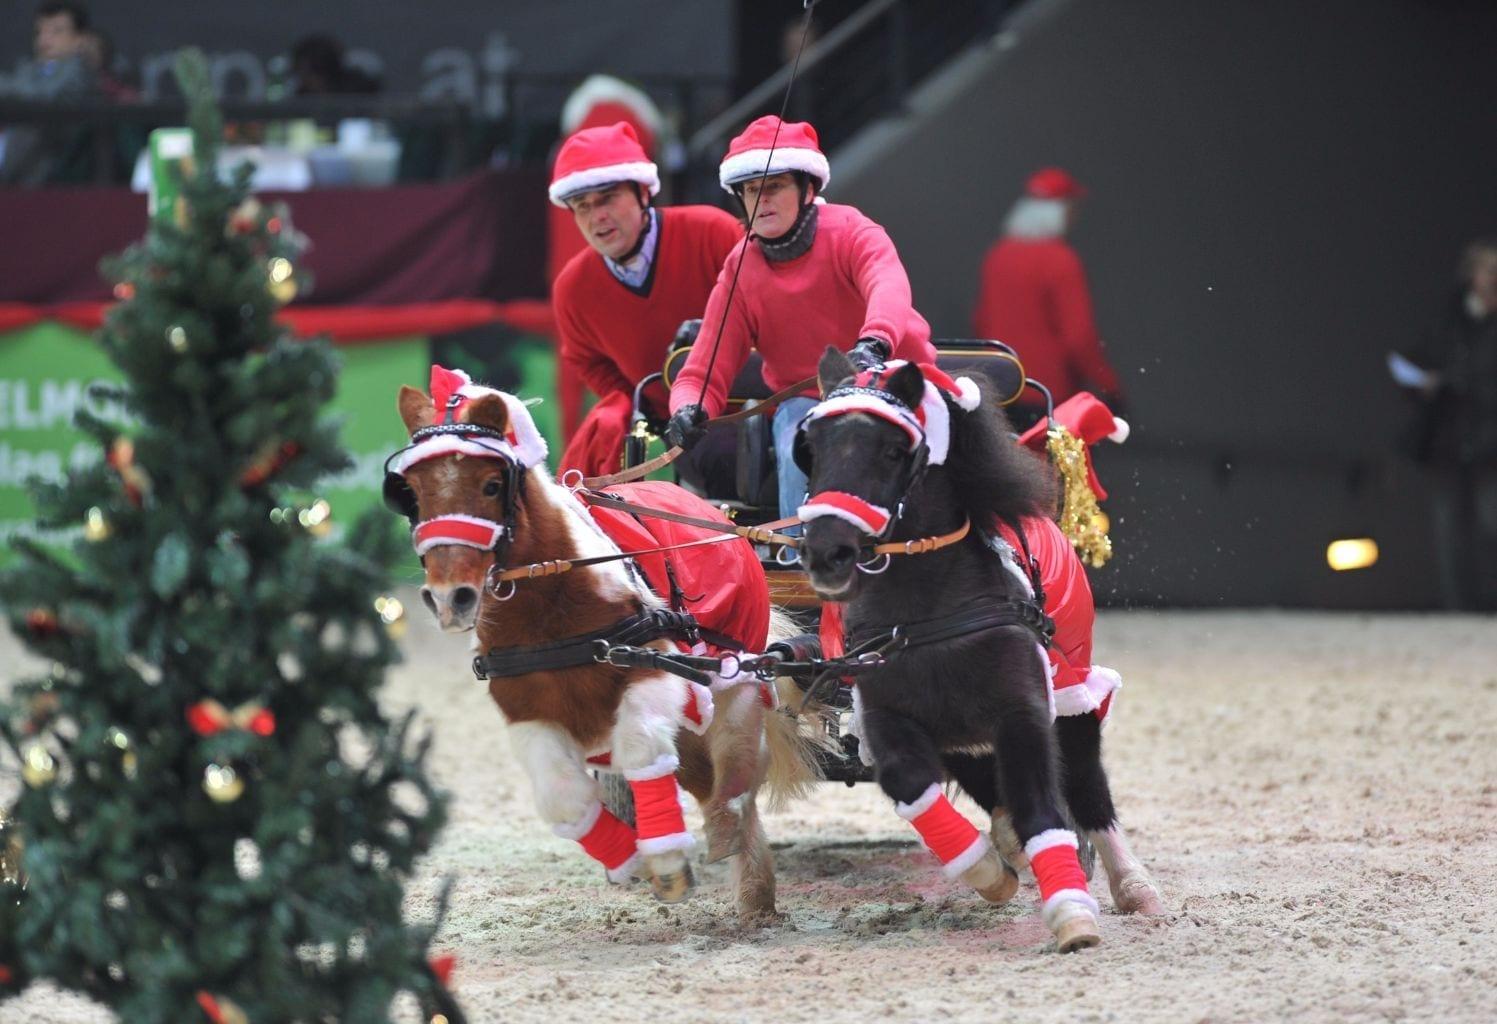 Wie ihr zu günstigen Karten für die Amadeus Horse Indoors 2017 kommt, gibt's hier nachzulesen. © Fotoagentur Dil